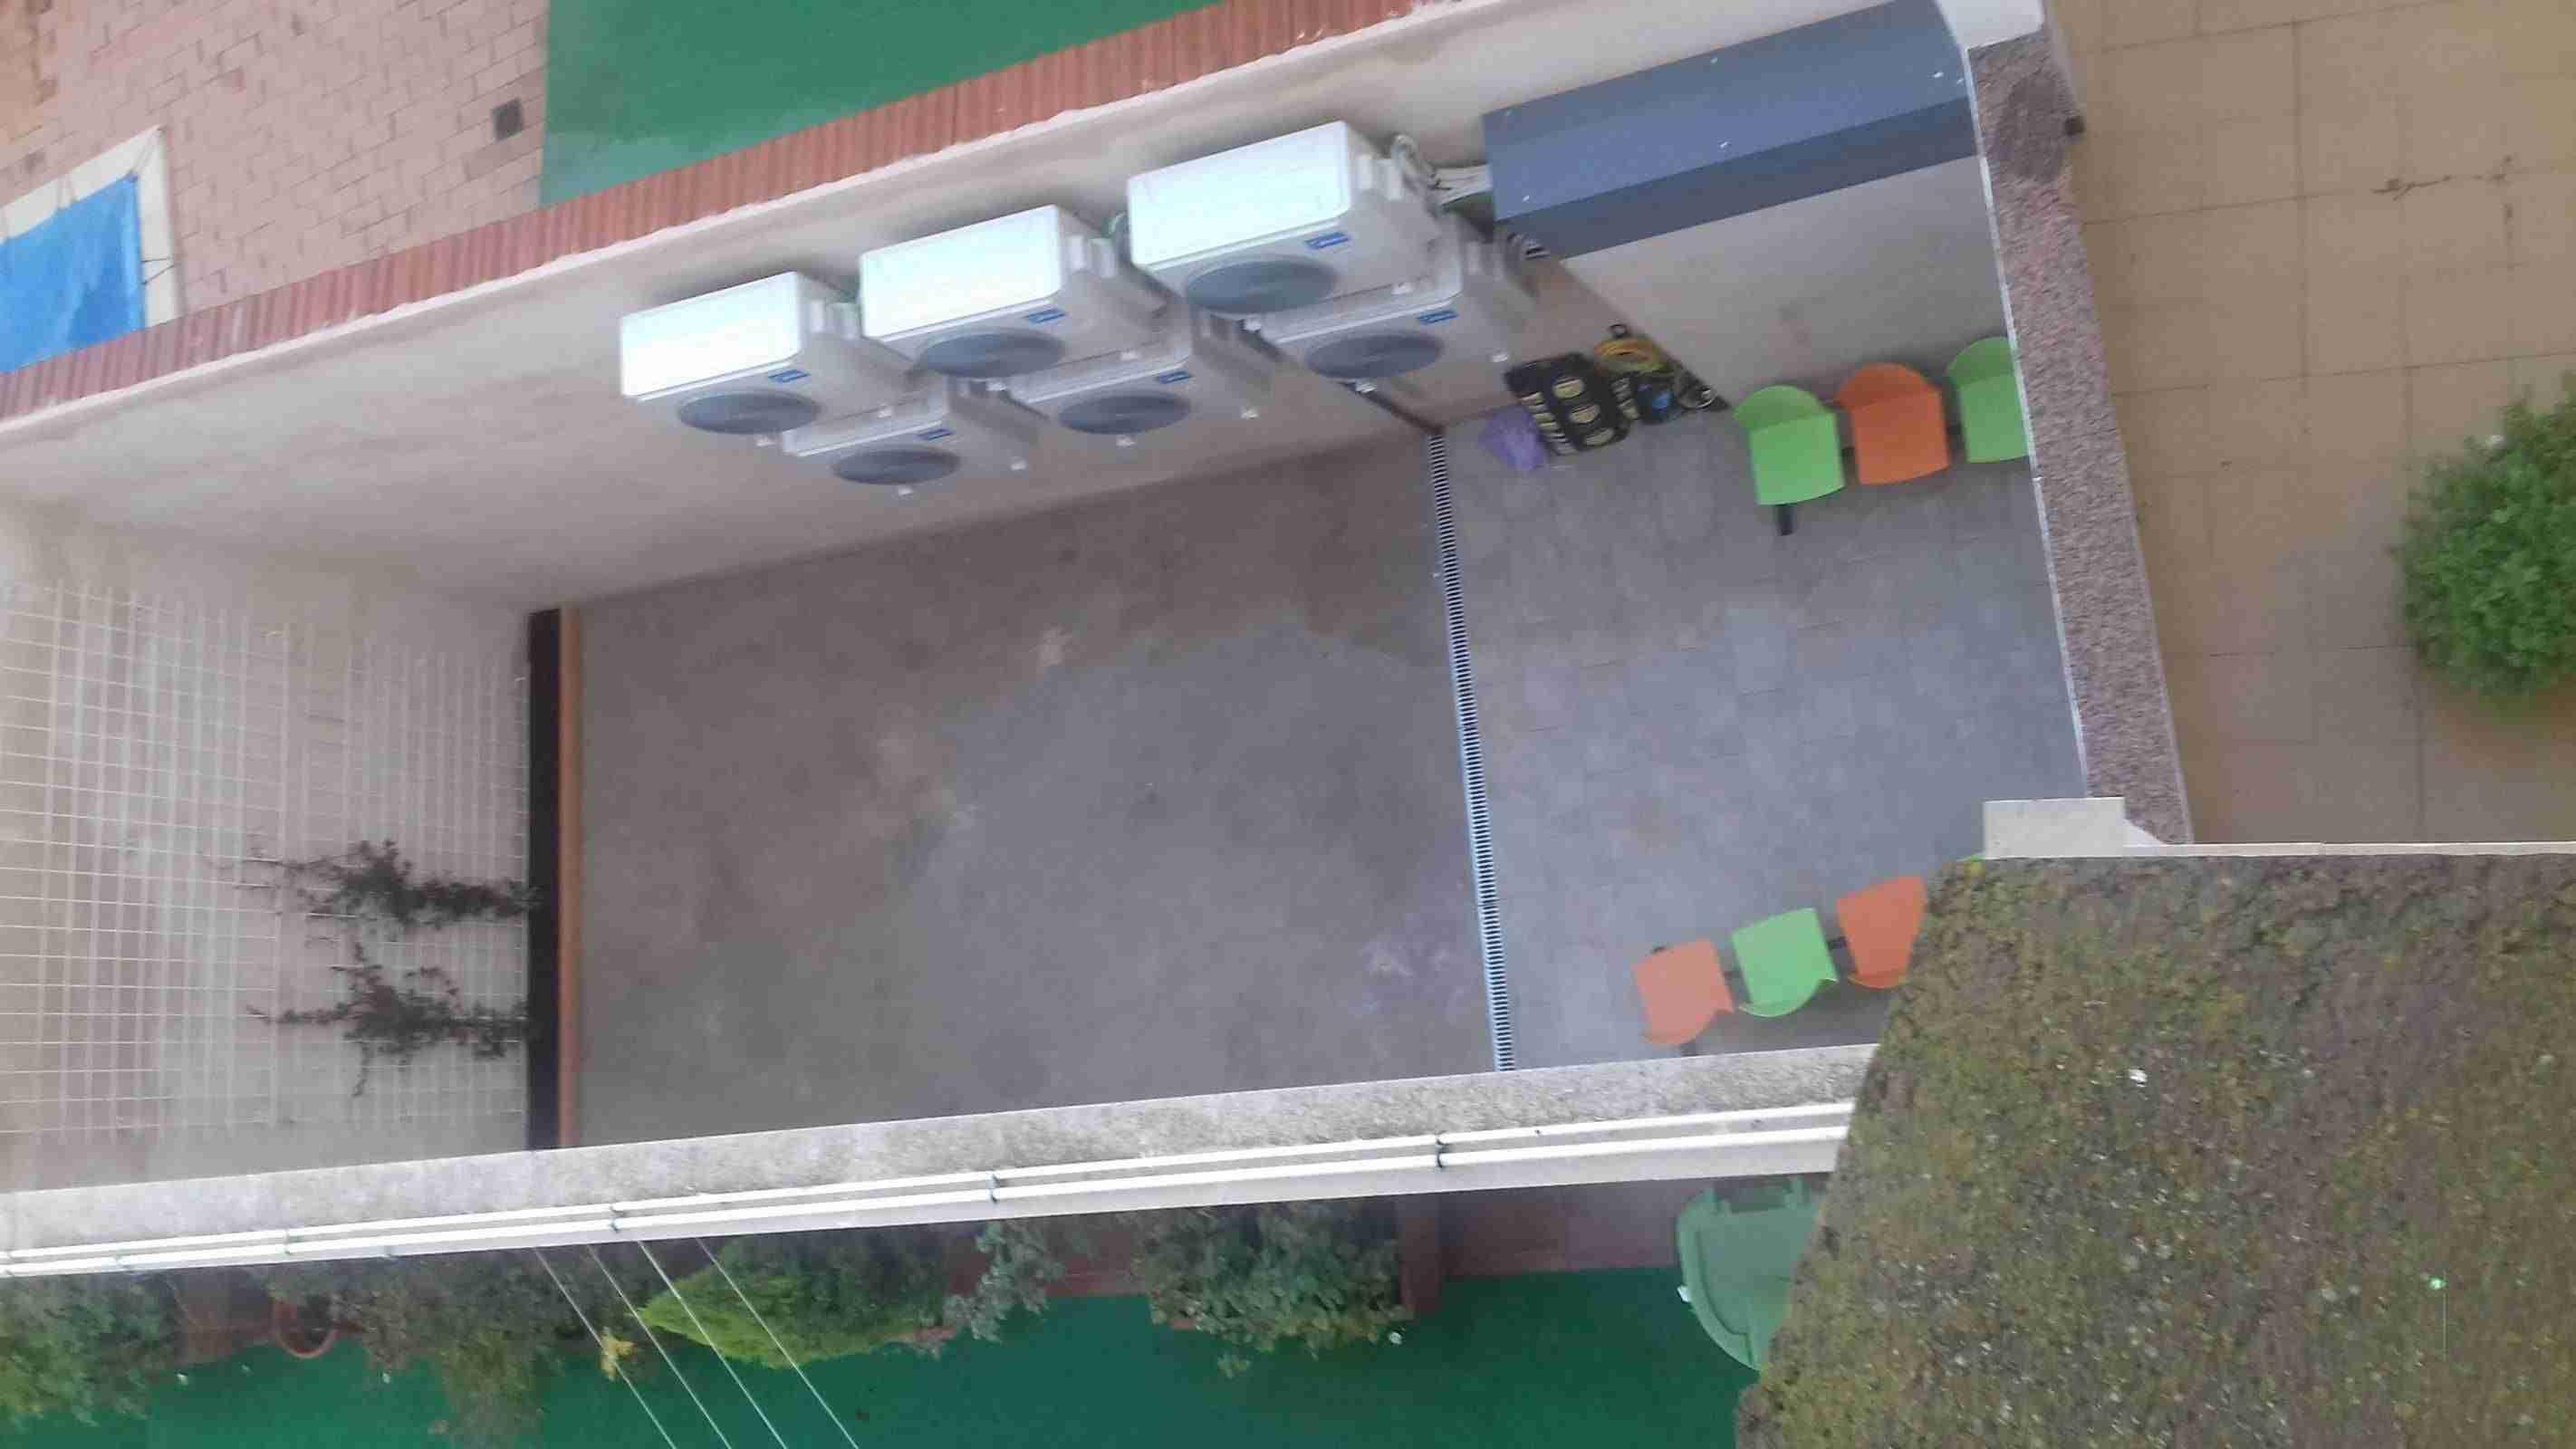 Hospital Veterinario de Ciudad real ¿error urbanístico? 11